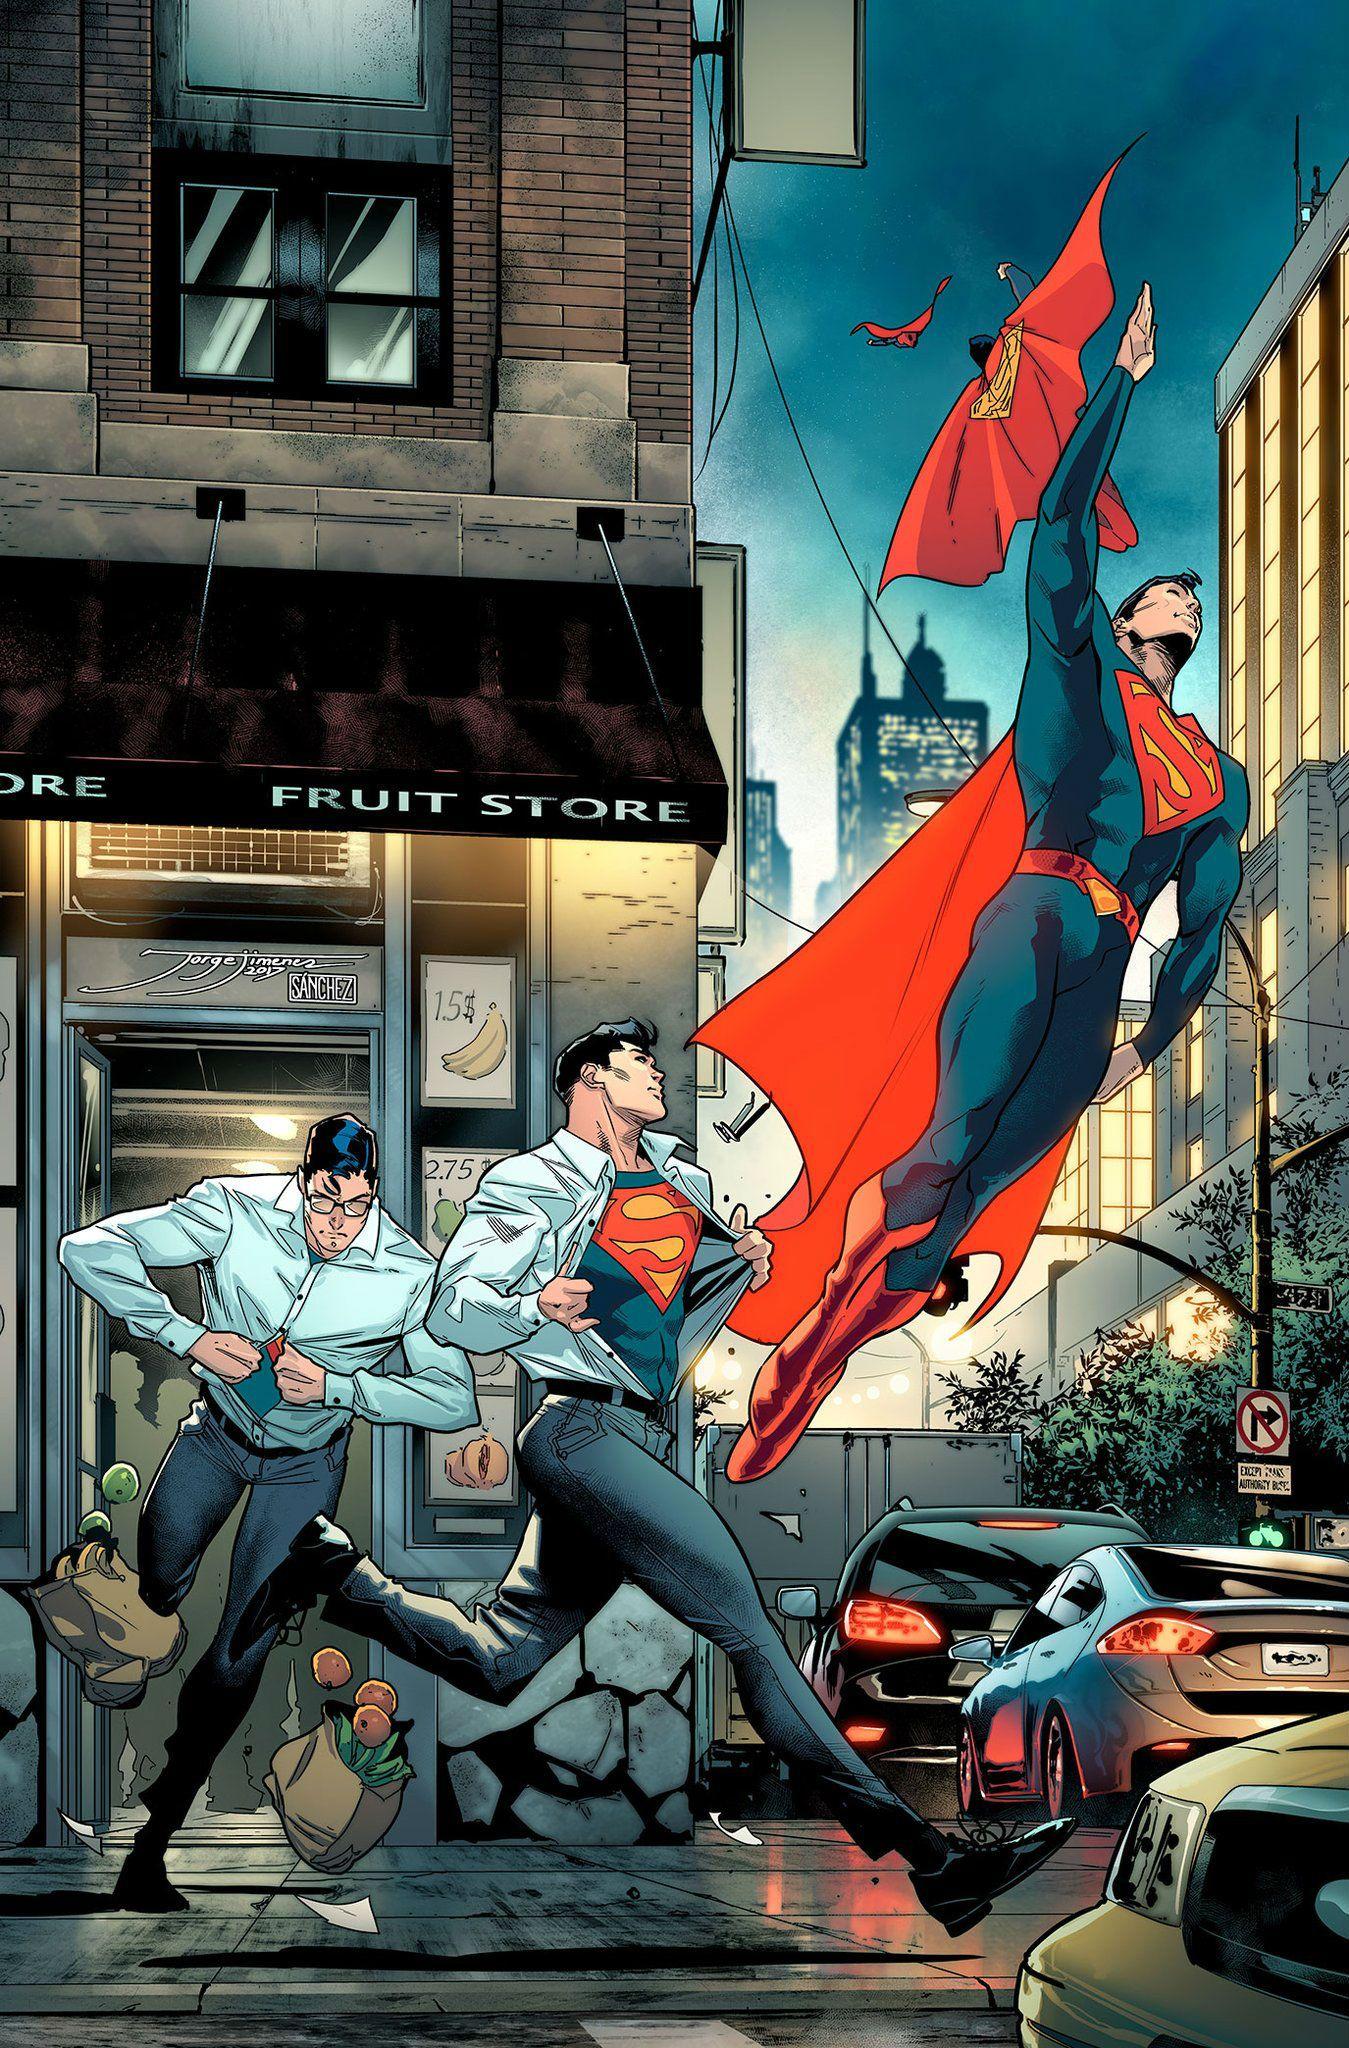 Superman by Jimenez. For similar content follow me